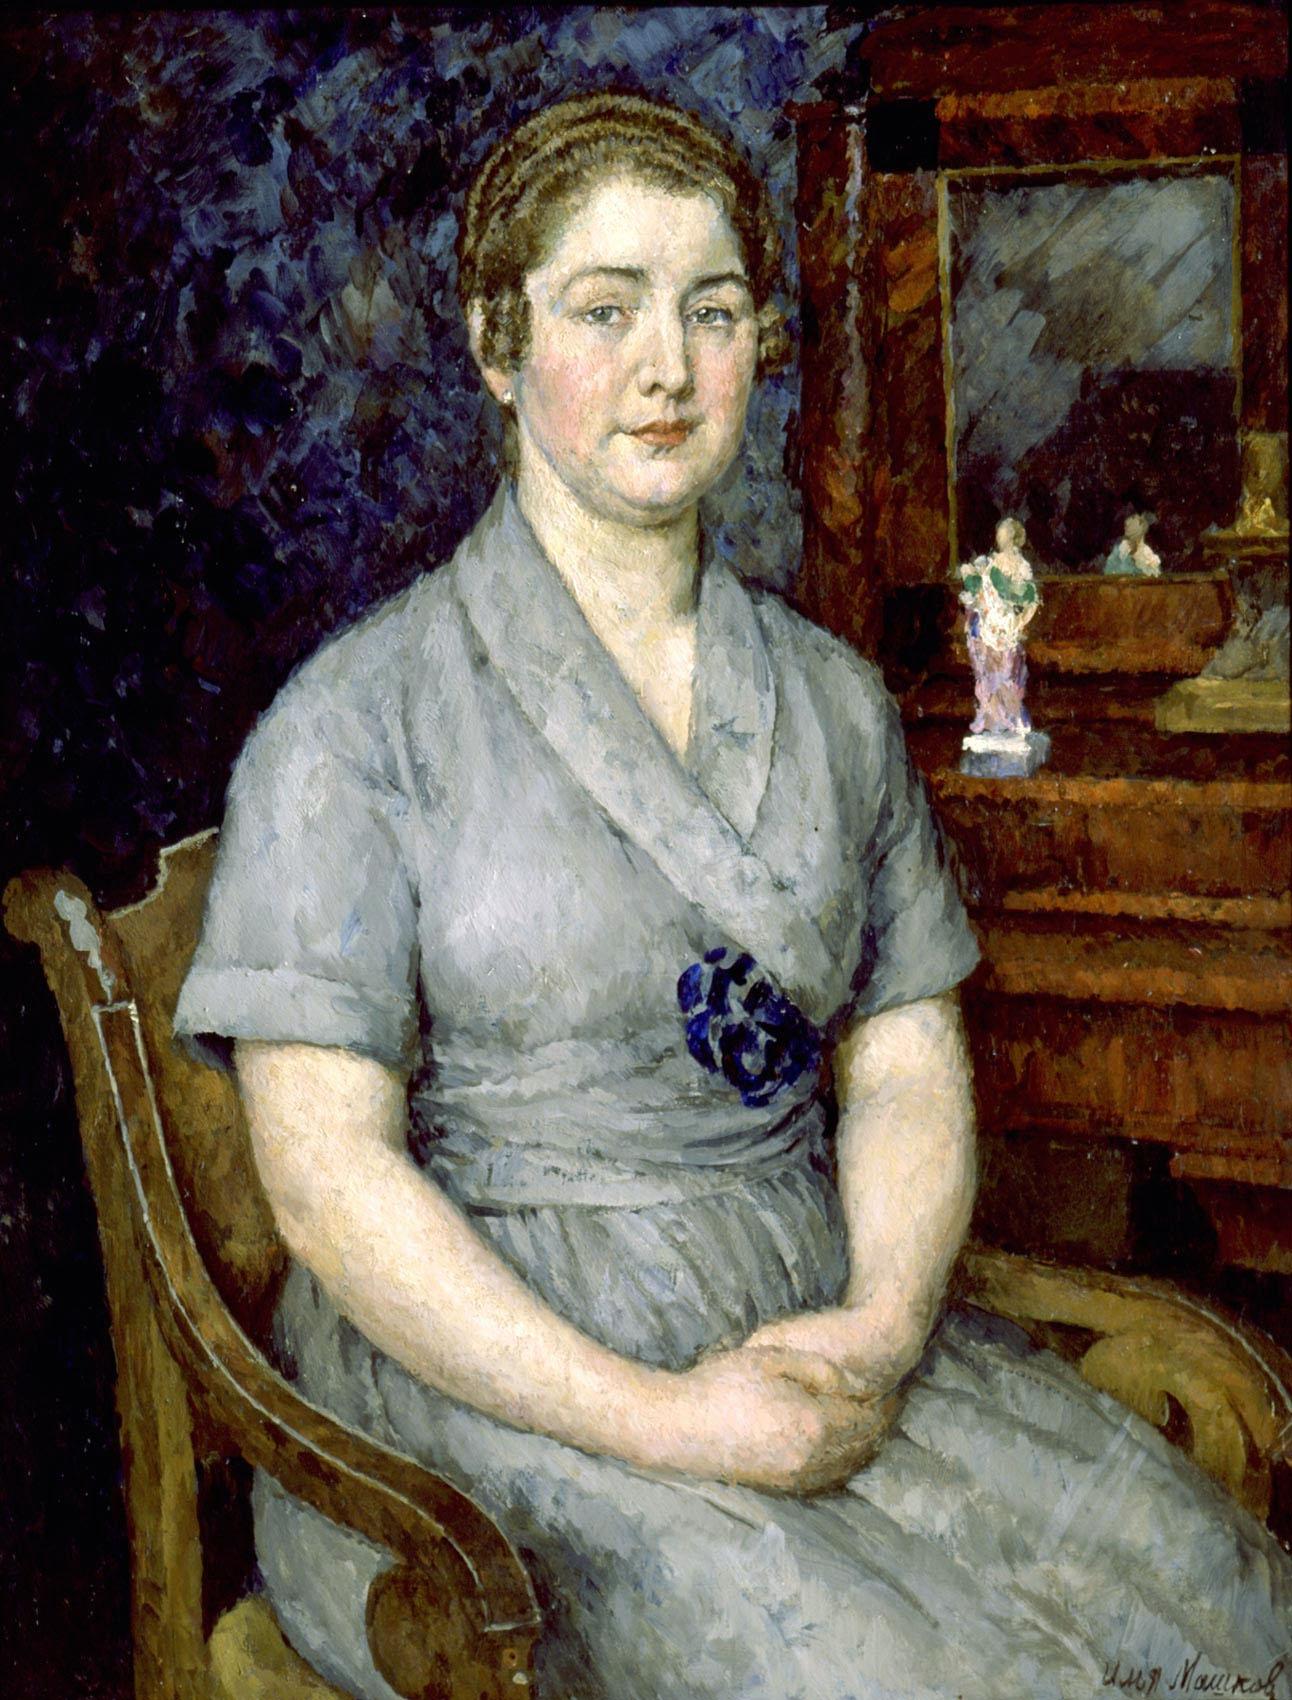 艺术家妻子玛利亚的肖像_Portrait of the artist's wife Maria-伊利亚·马什科夫